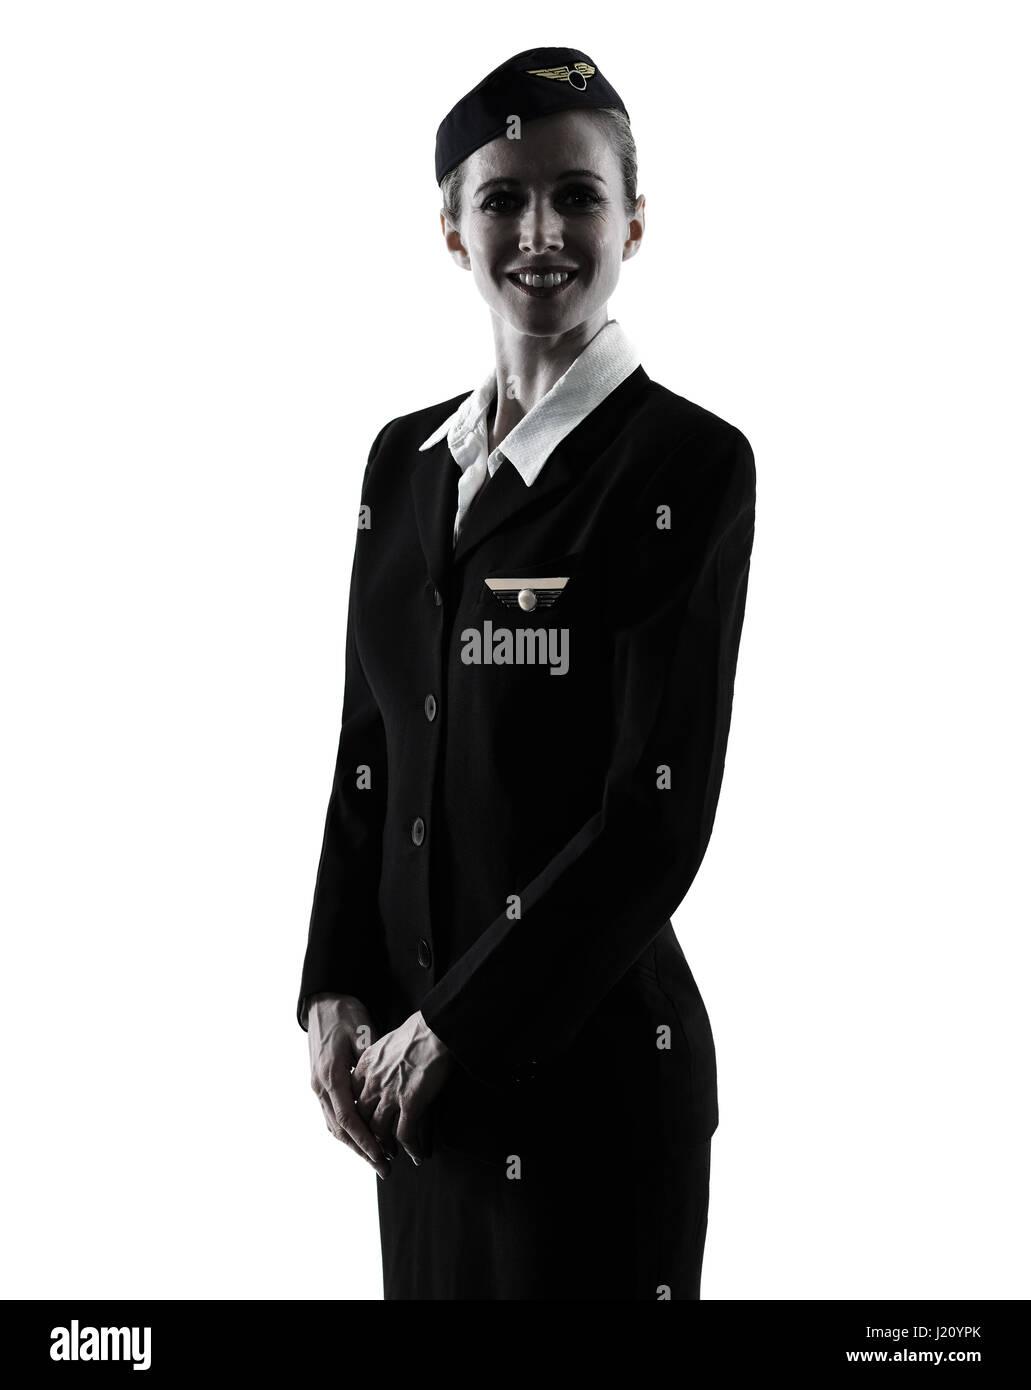 eine kaukasische Stewardess Kabine Crew Frau stand isolierten auf weißen Hintergrund in der silhouette Stockbild